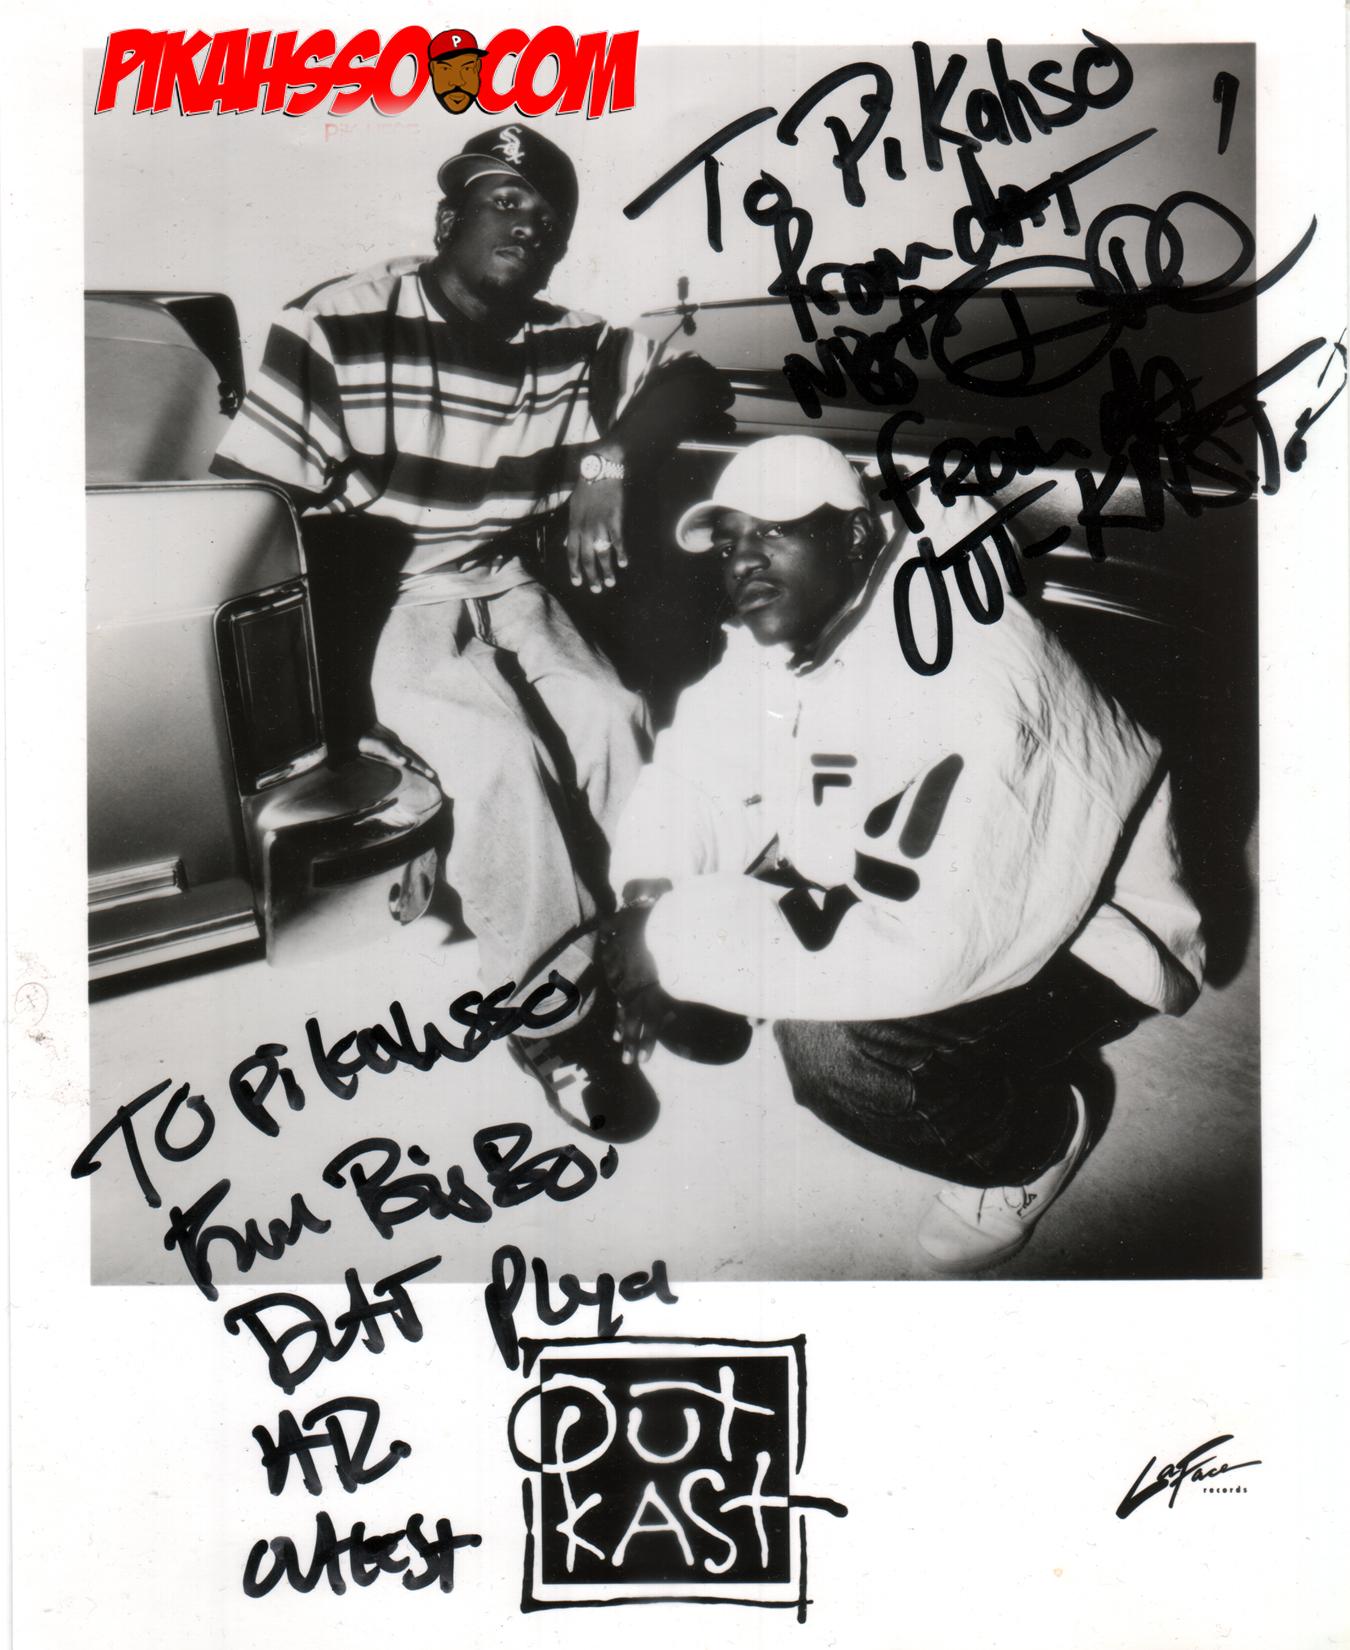 A Rare Outkast Autograph to PiKaHsSo 1993 thru 1994.jpg